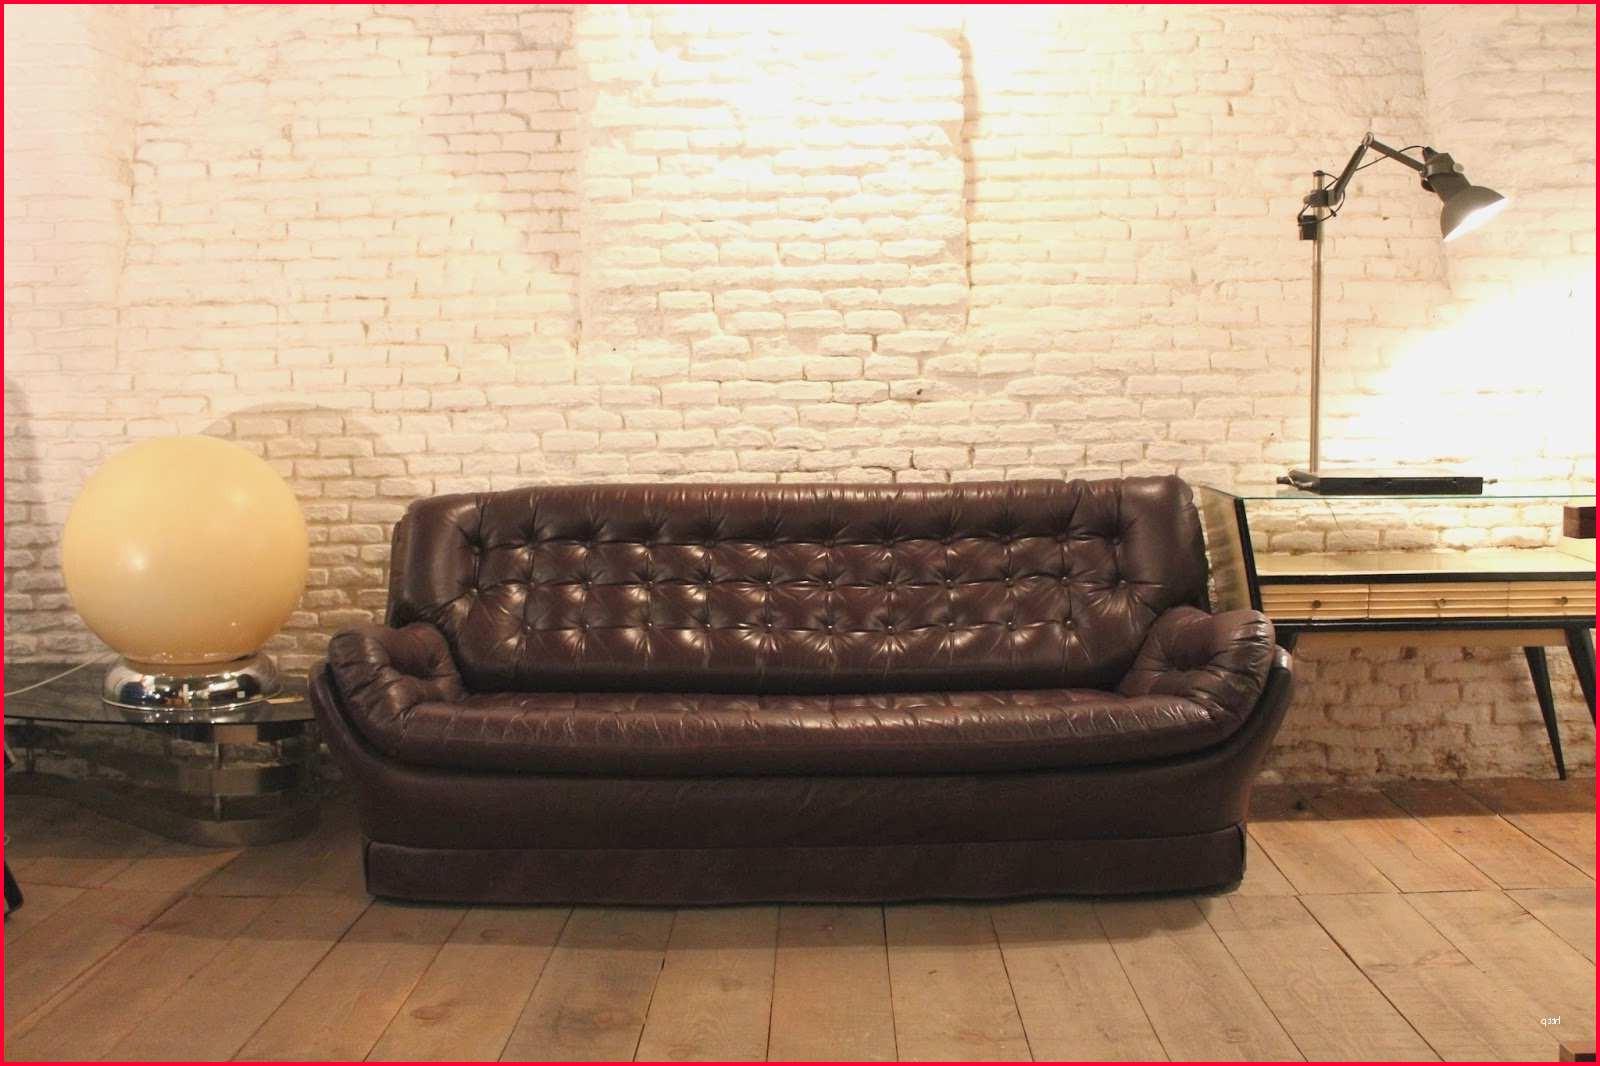 Donde Puedo Vender Muebles Usados En Madrid Nkde Donde Puedo Vender Muebles Usados 248 Lujo Tiendas De Segunda Mano